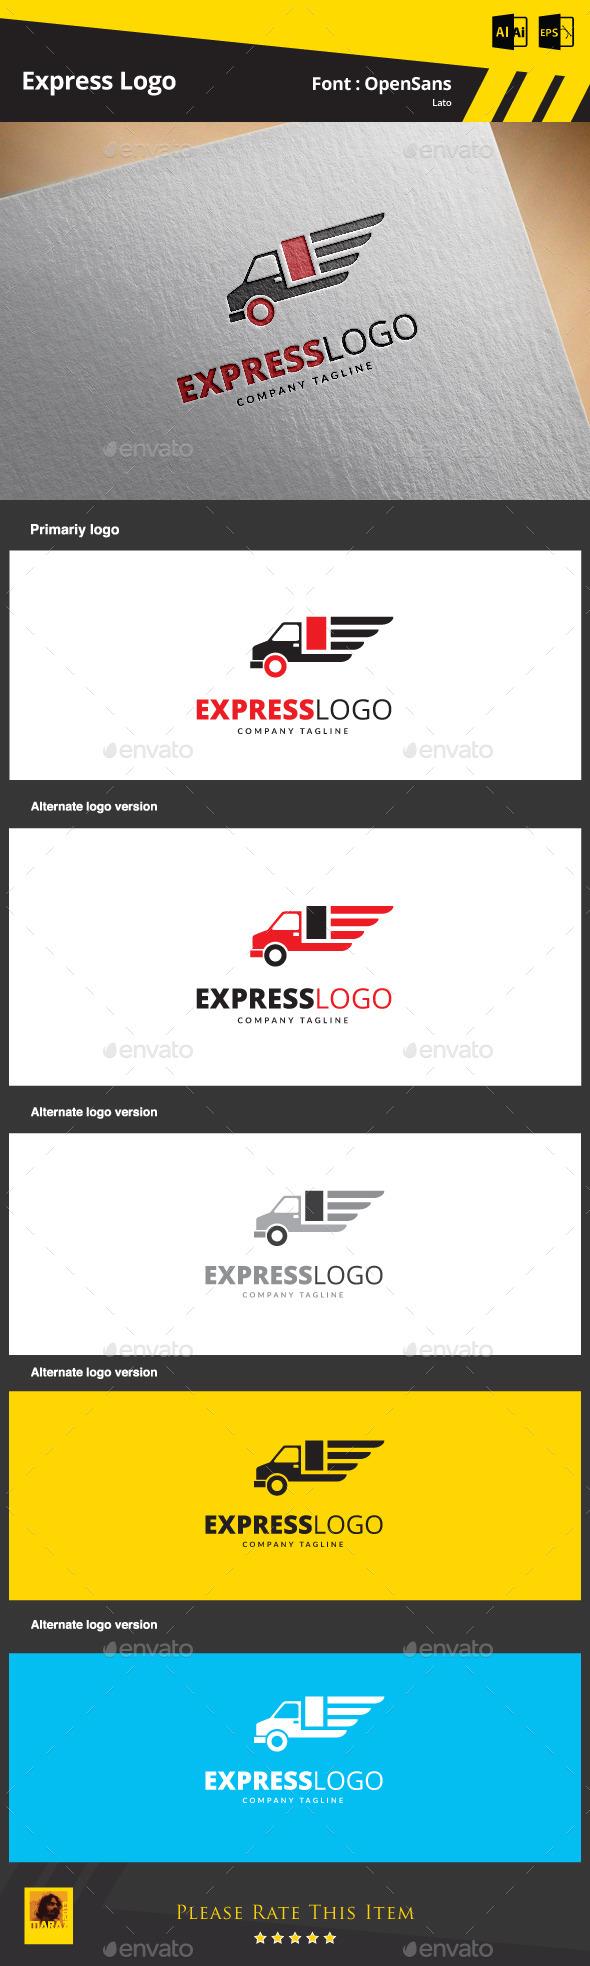 GraphicRiver Express Logo 9253891